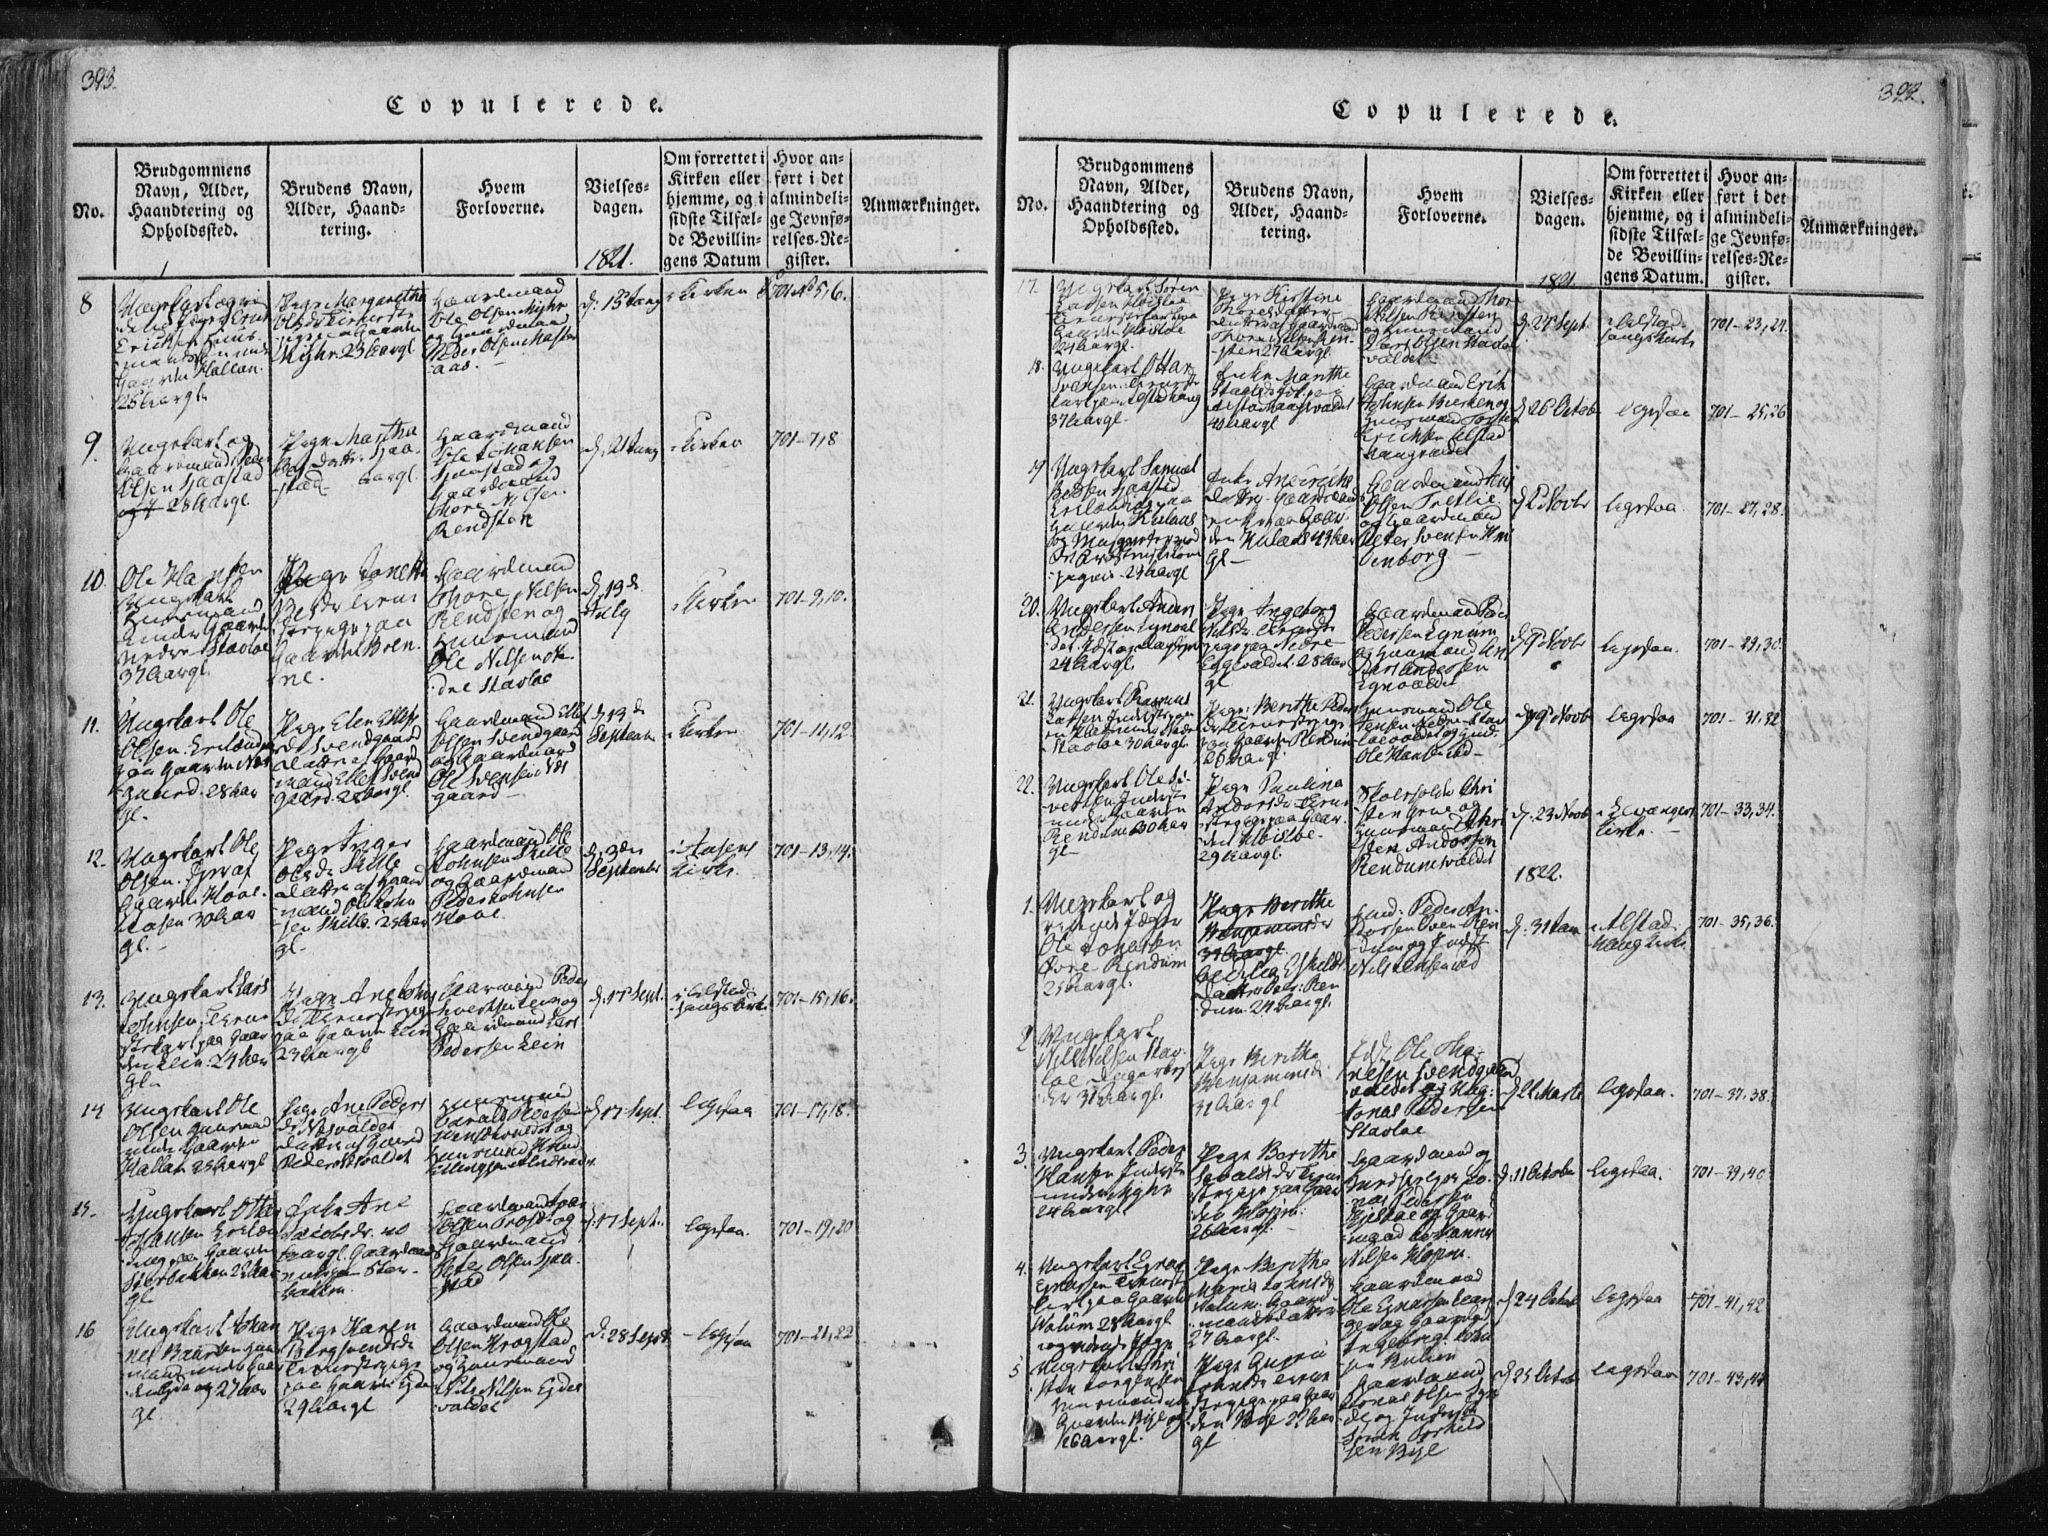 SAT, Ministerialprotokoller, klokkerbøker og fødselsregistre - Nord-Trøndelag, 717/L0148: Ministerialbok nr. 717A04 /1, 1816-1825, s. 393-394